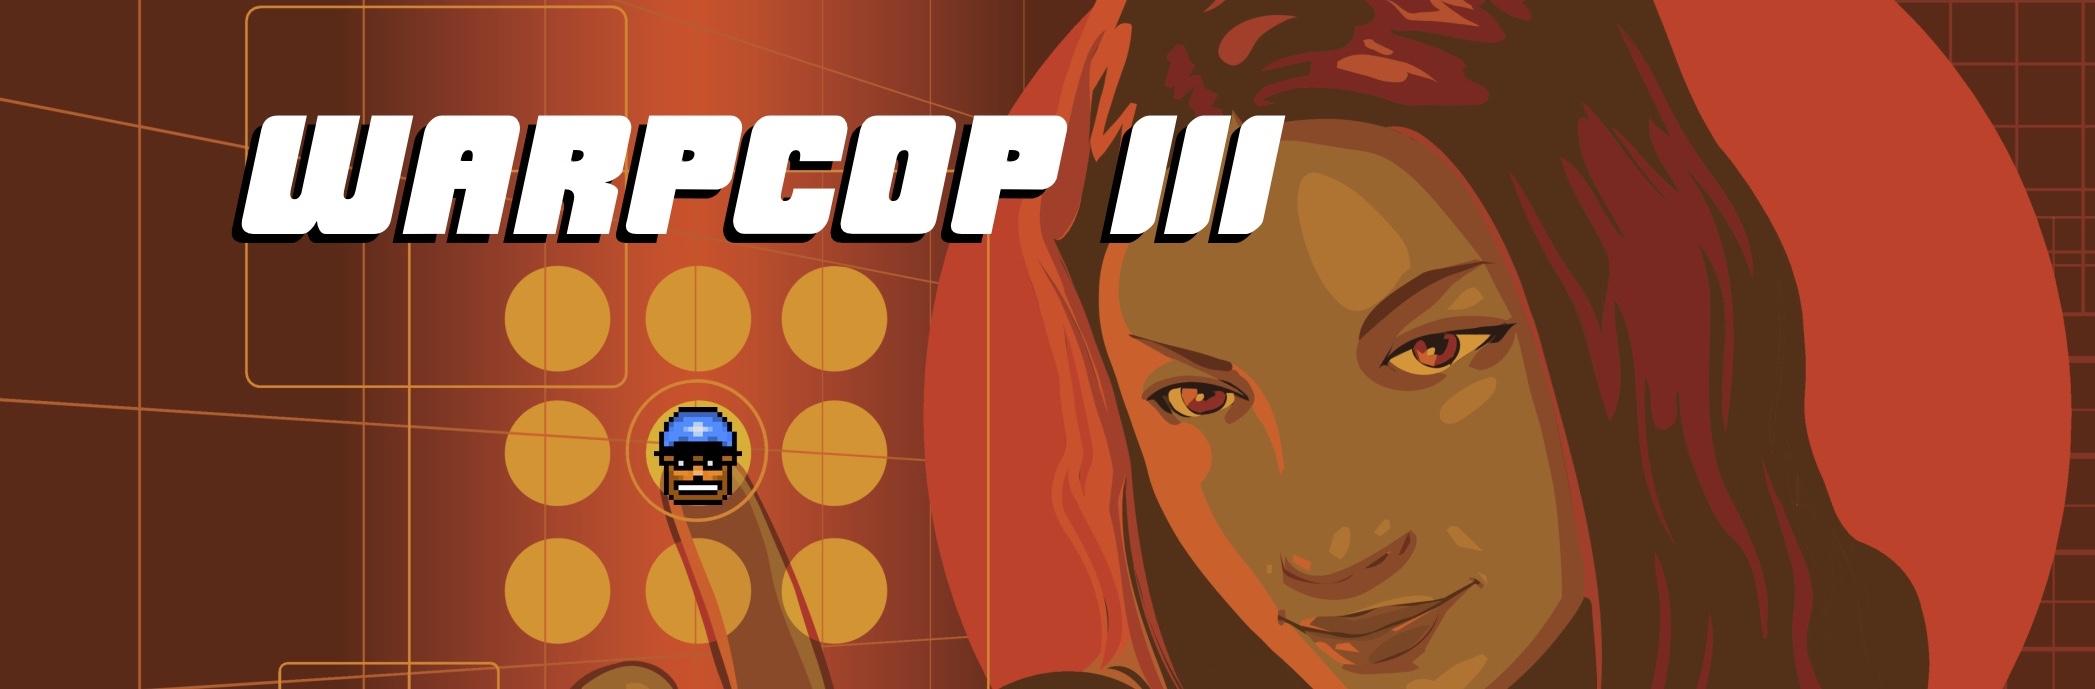 WARPCOP III